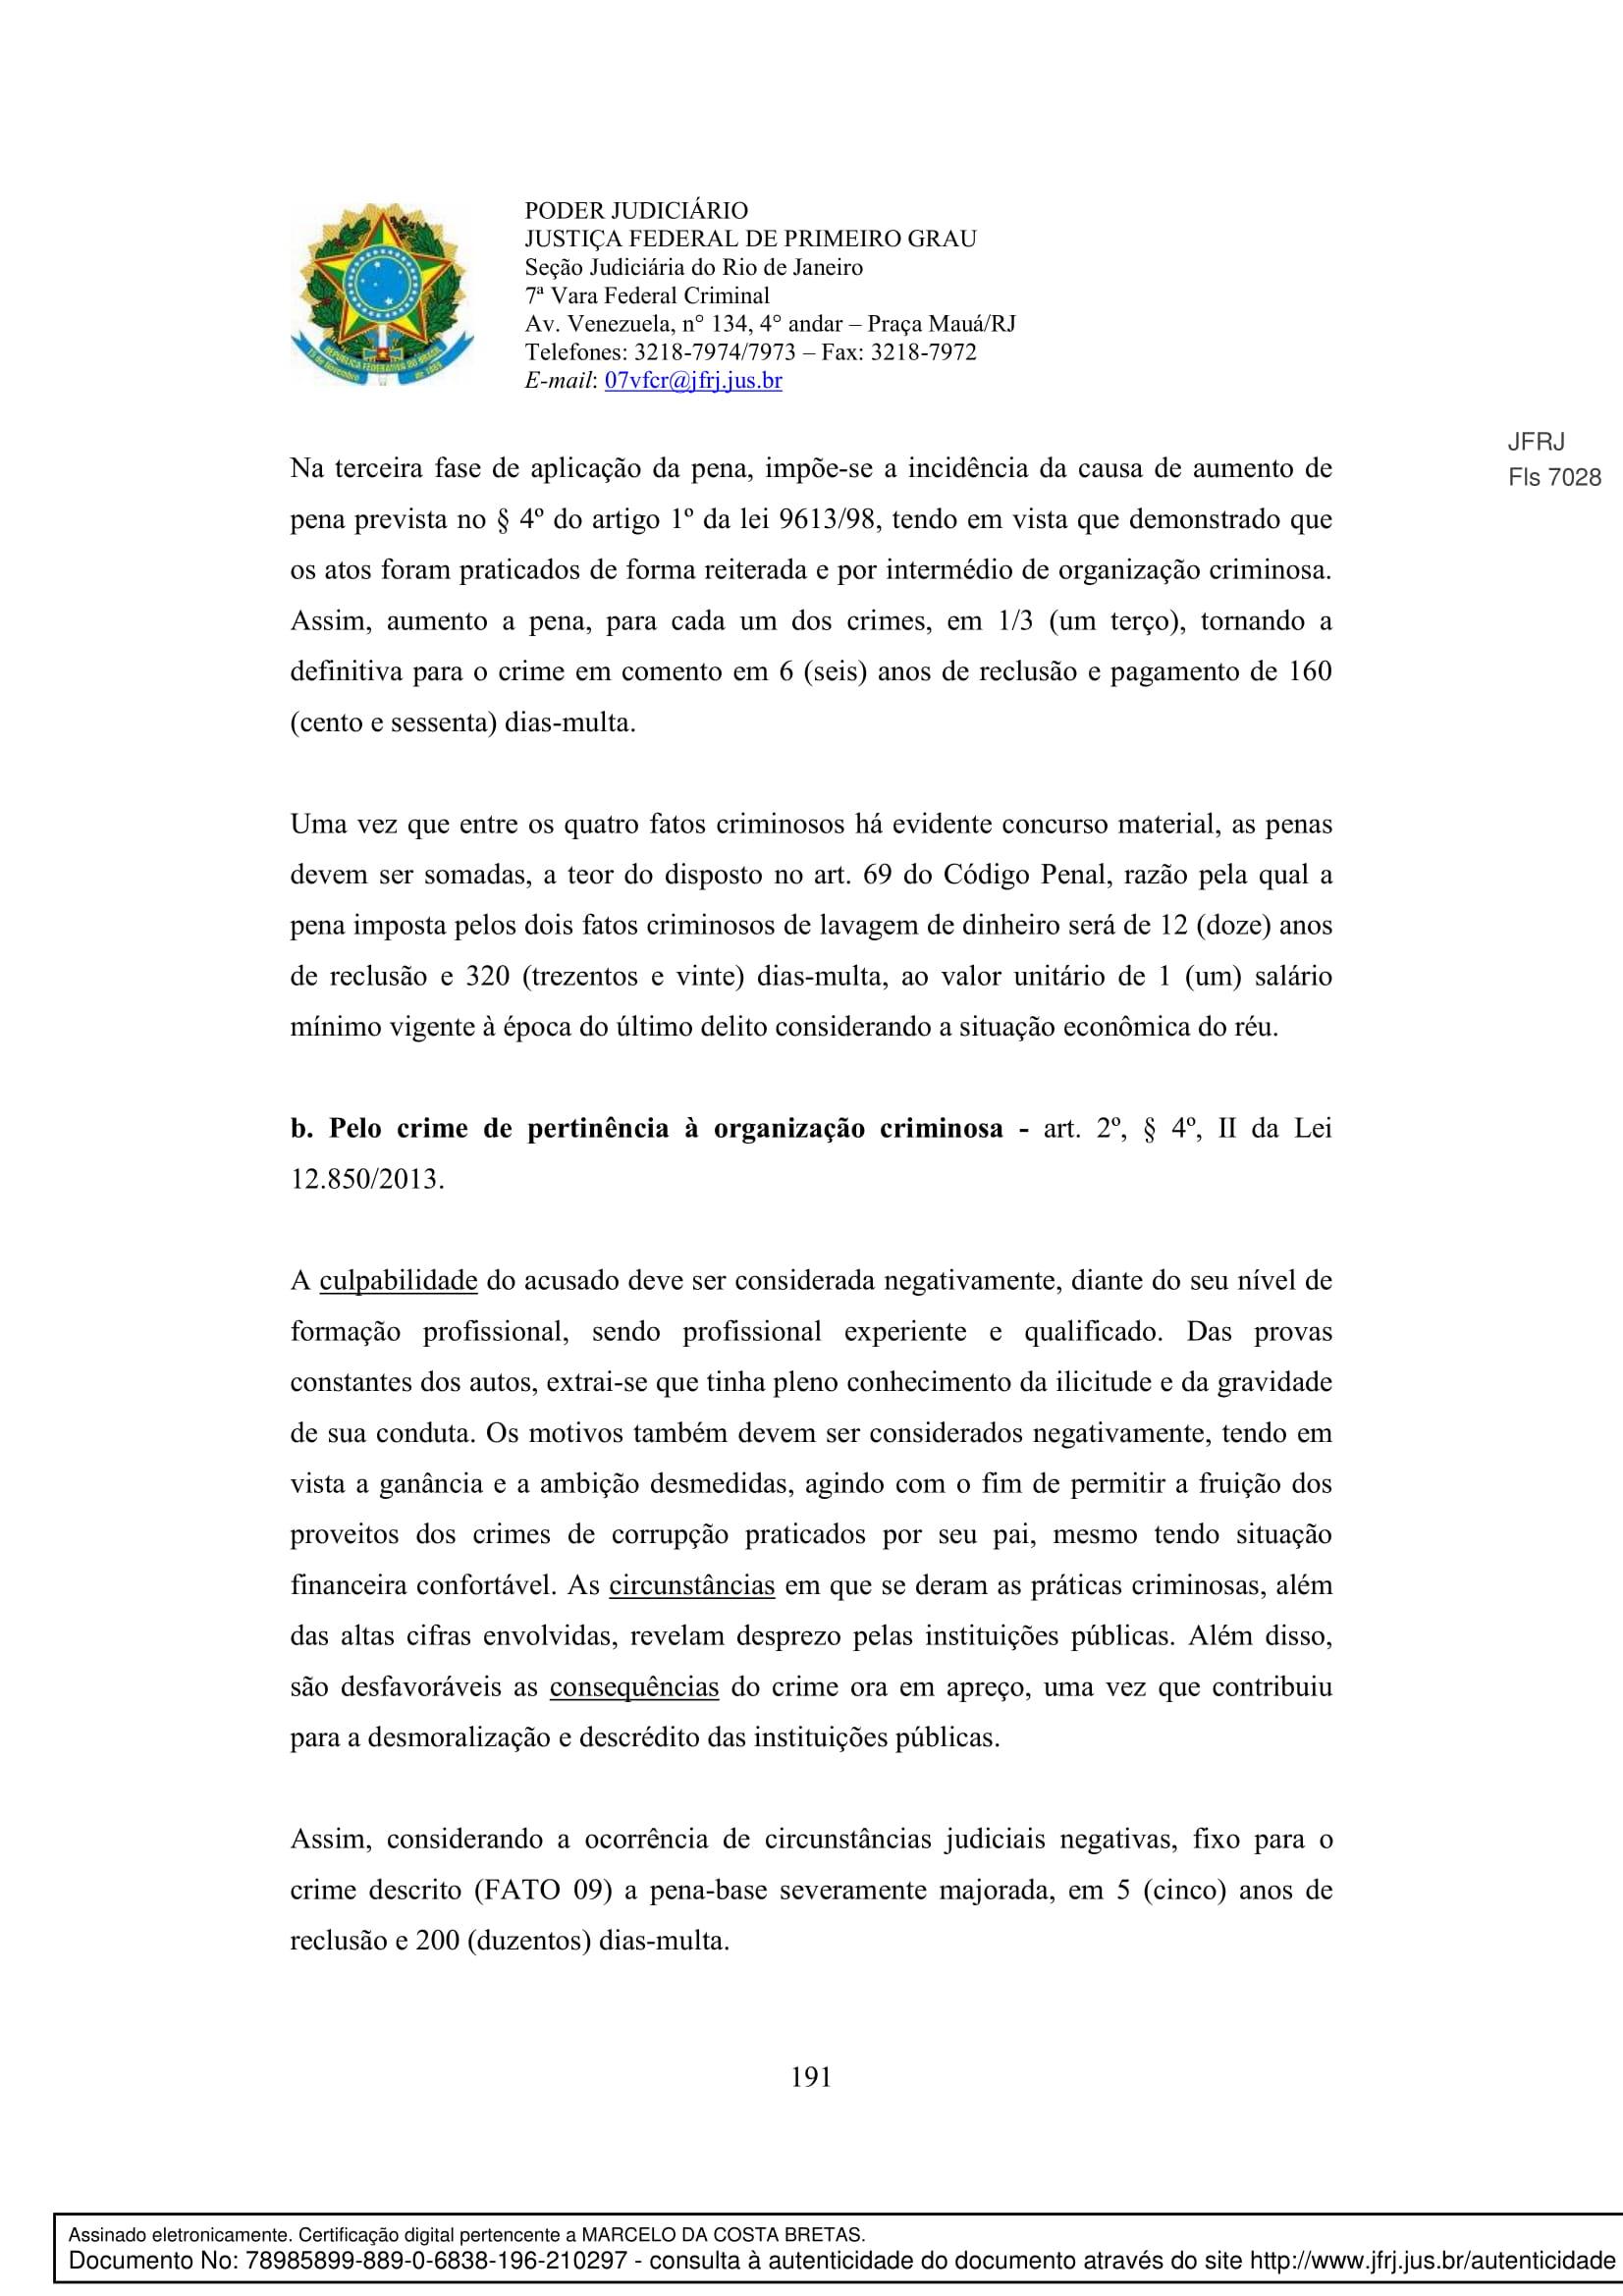 Sentenca-Cadeia-Velha-7VFC-191